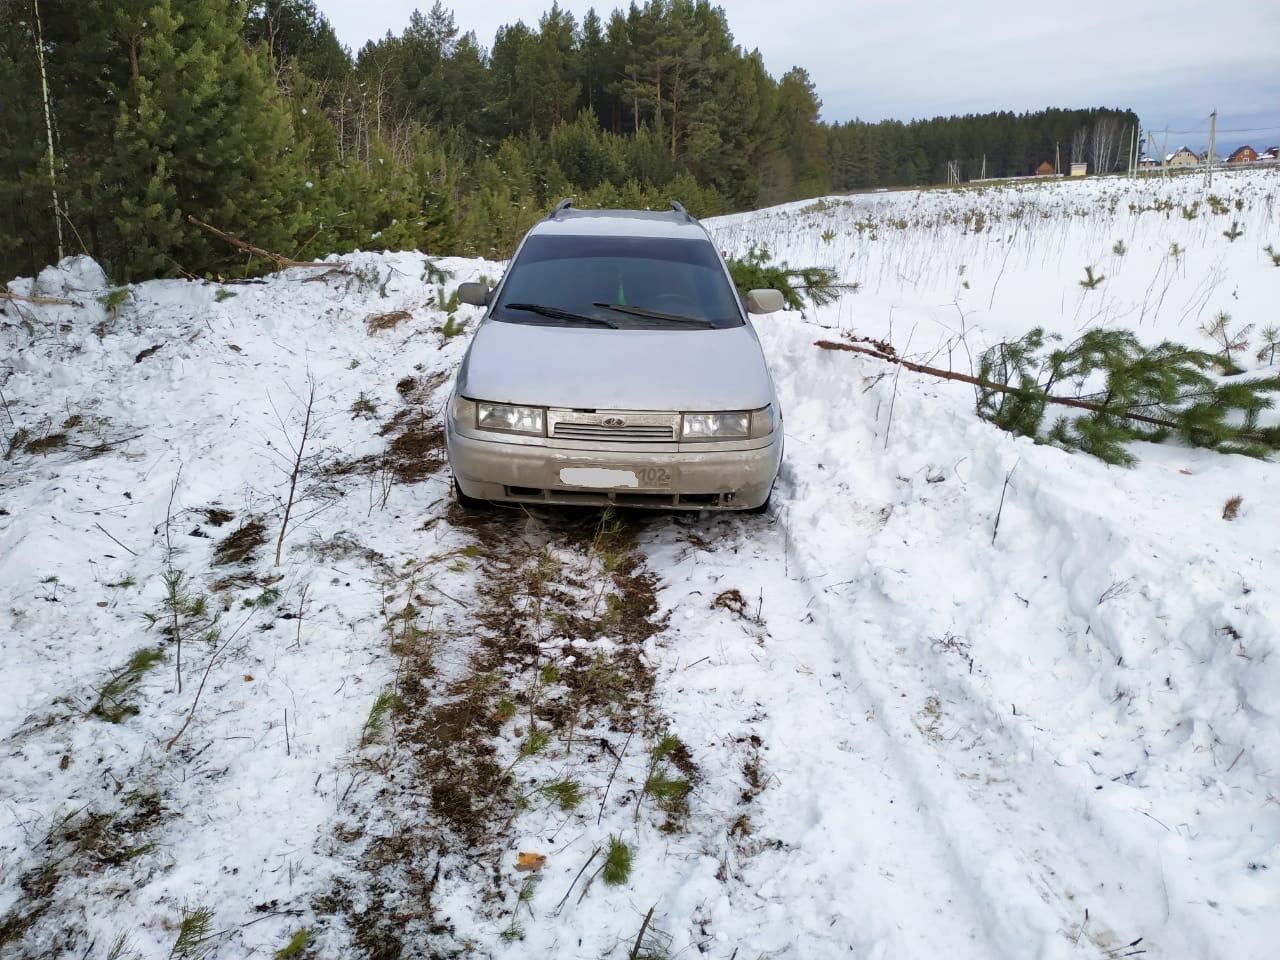 В Белоярке неизвестные продолжили вырубать лес, несмотря на запрет суда и прокуратуры